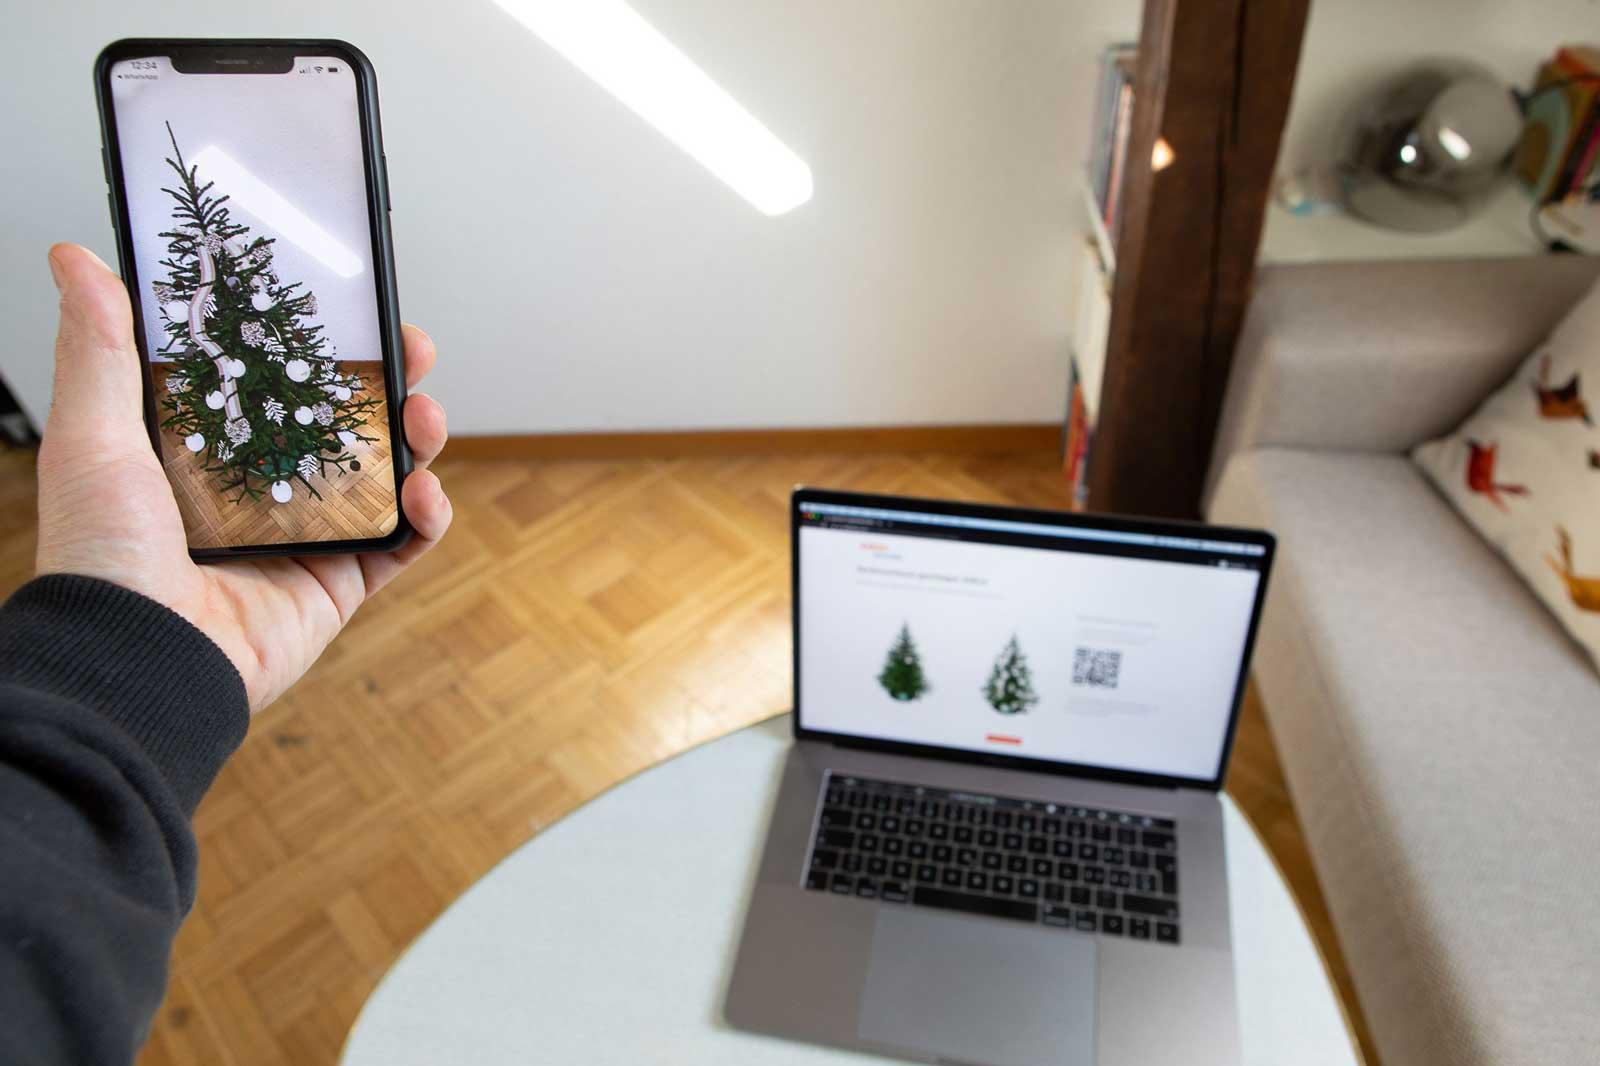 Coop Bau und Hobby Augmented Reality Weihnachtsbäume